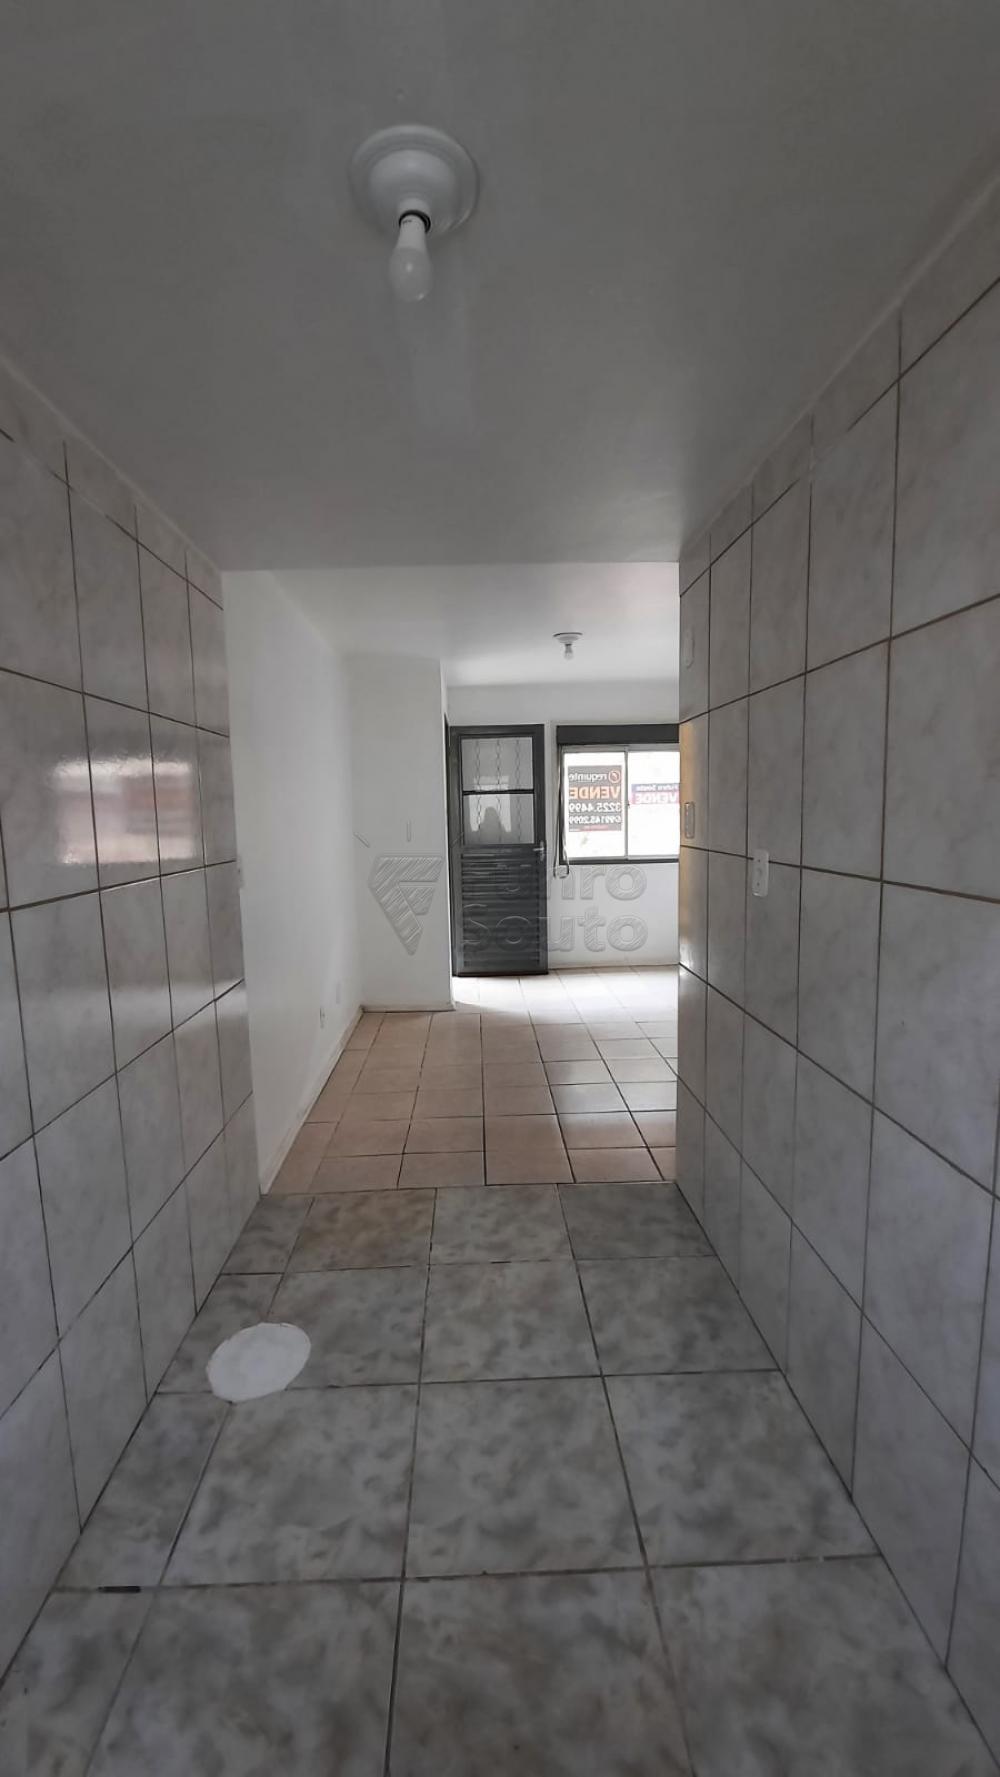 Comprar Apartamento / Padrão em Pelotas R$ 110.000,00 - Foto 10